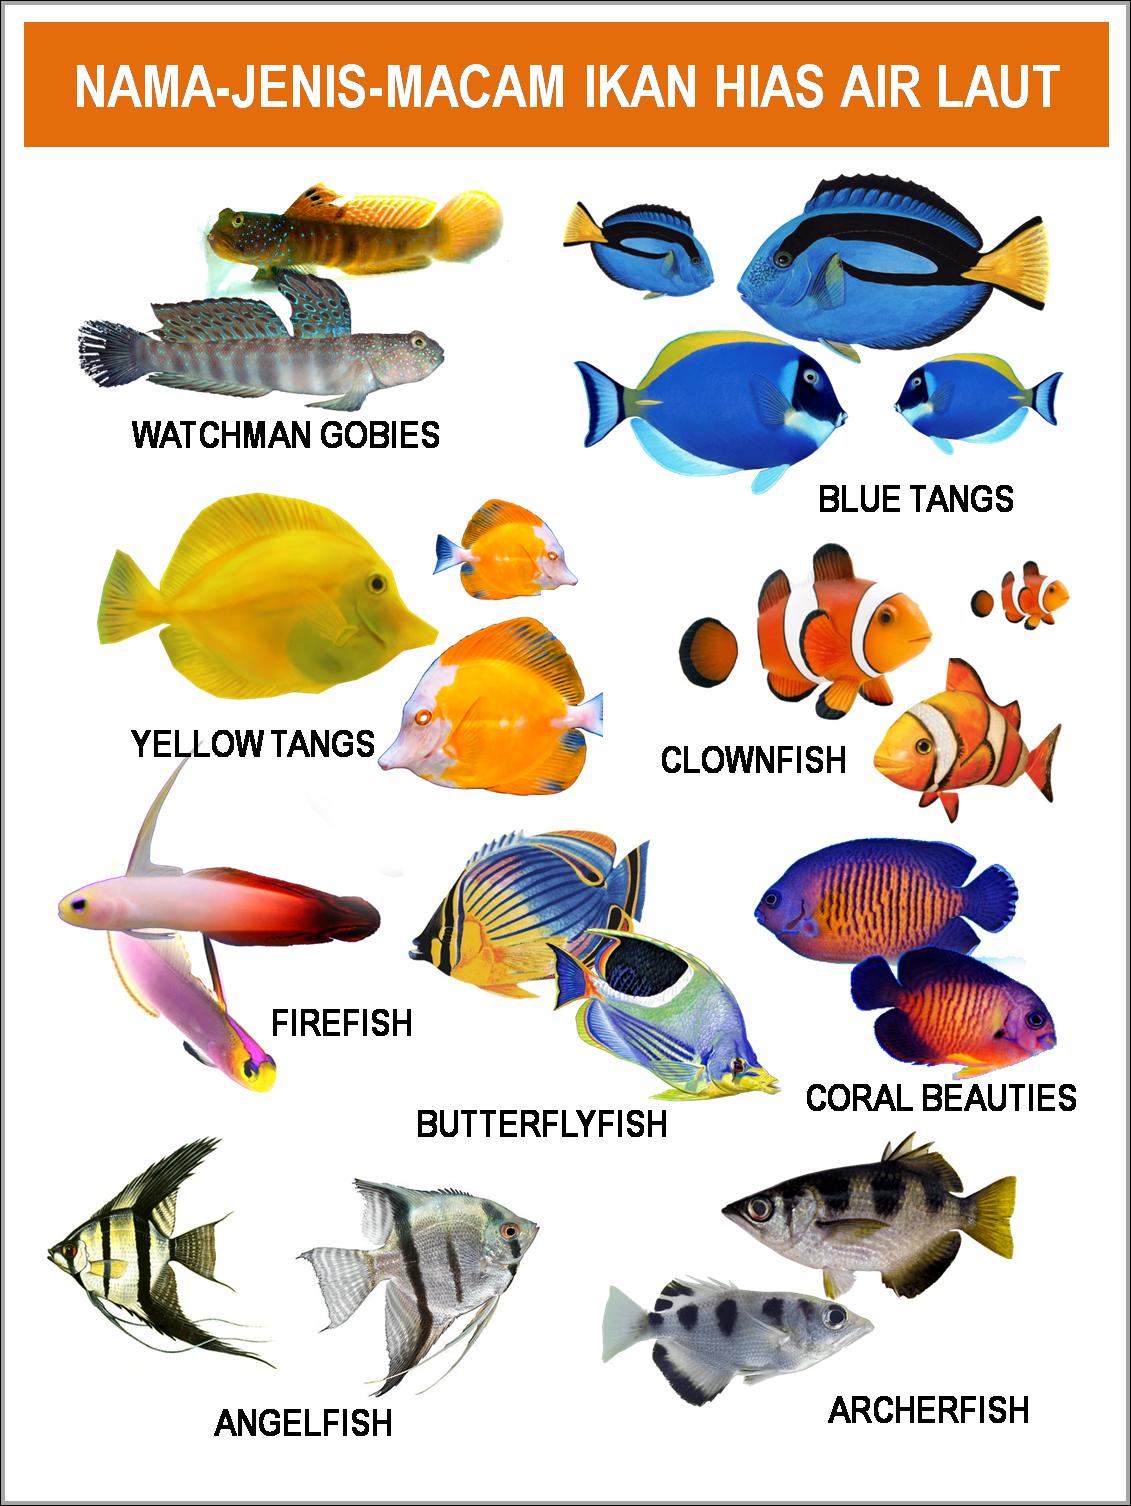 Mackerel tuna · kakap : GAMBAR│FOTO│JENIS-MACAM-NAMA IKAN HIAS AIR LAUT   freewaremini